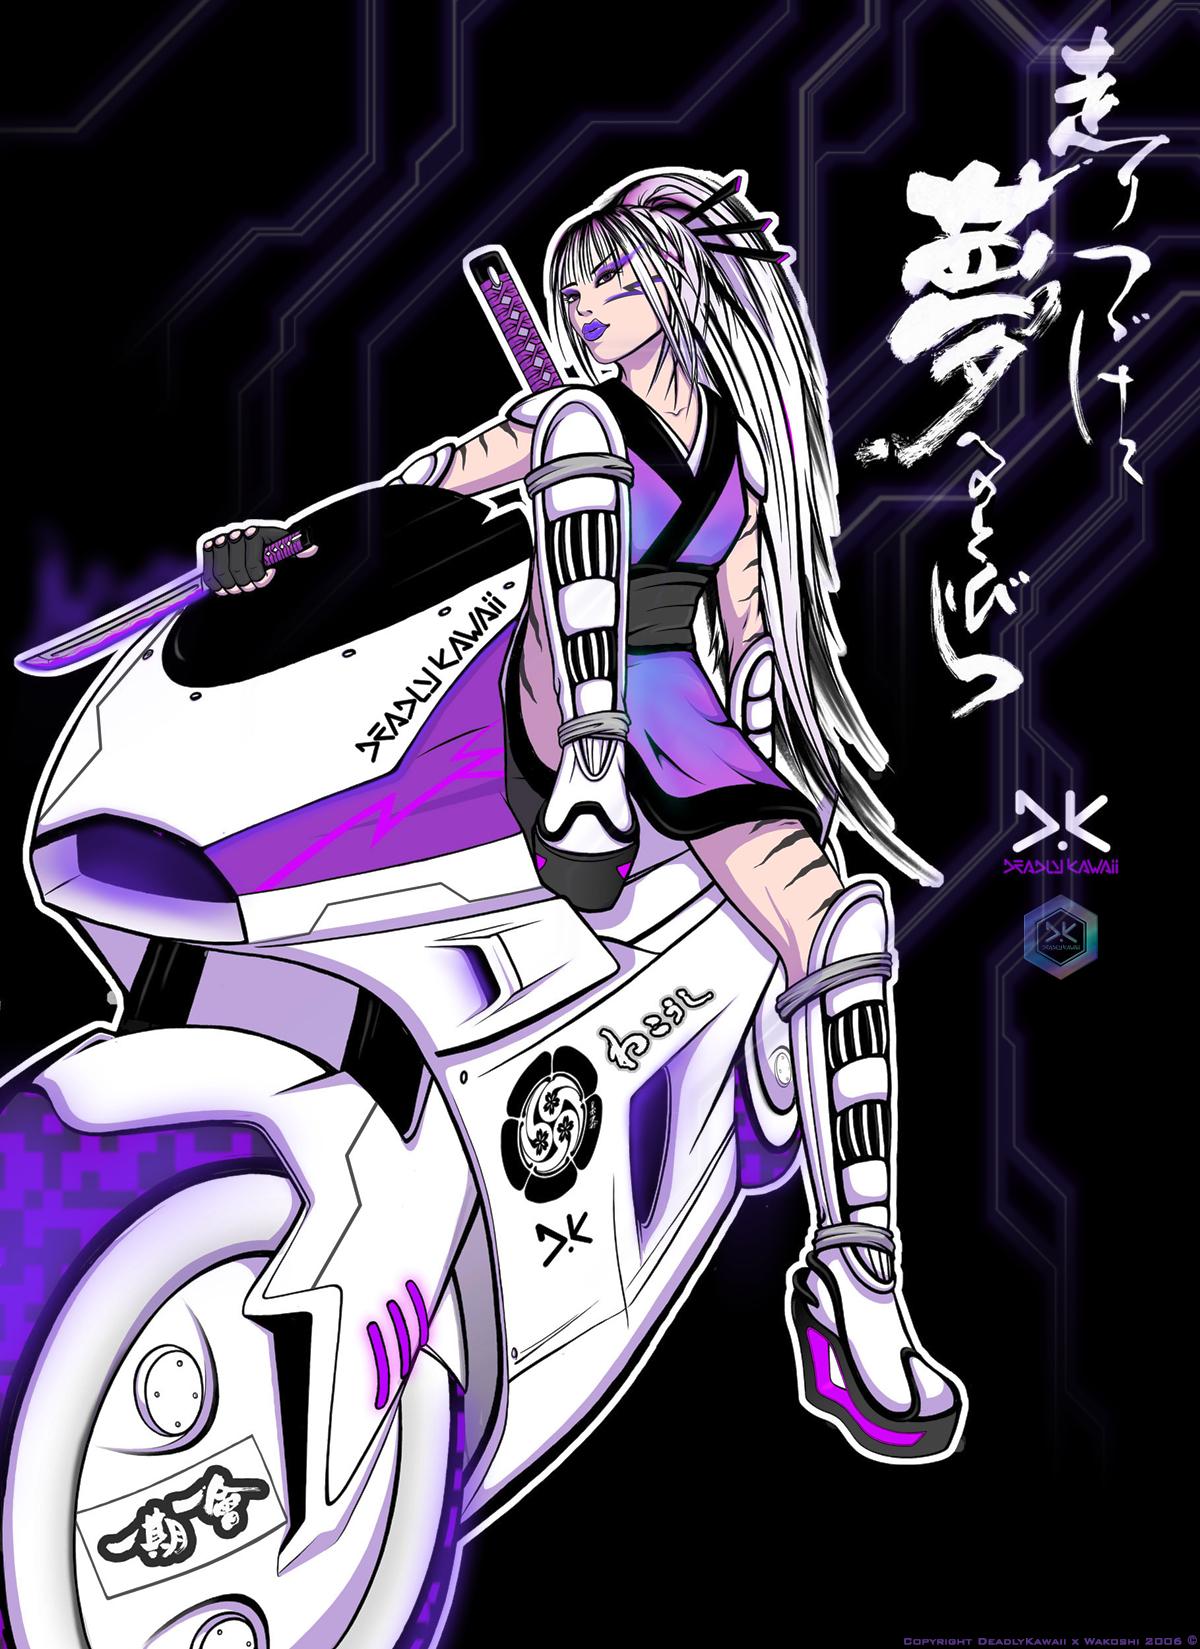 Blueprint-Electronic-by-DeadlyKawaii-x-Wakoshi-UV3.jpg